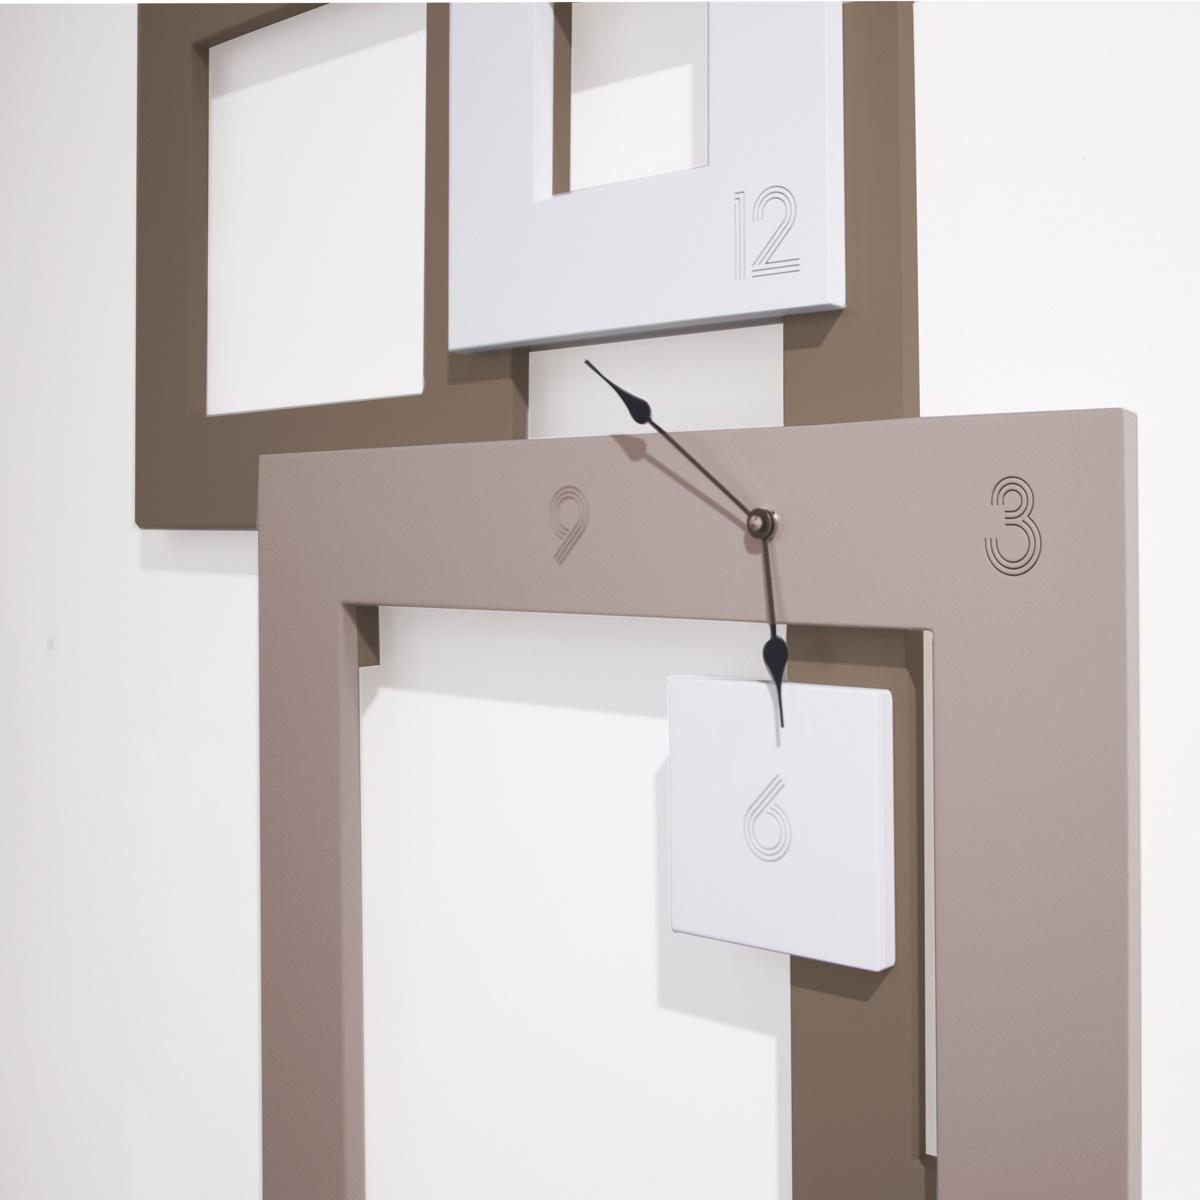 L:A:S - Laser Art Style - OROLOGIO DA PARETE GRANDE DESIGN MINIMAL – SI-504 GRIGIO MARRONE-PANNA-CIPRIA